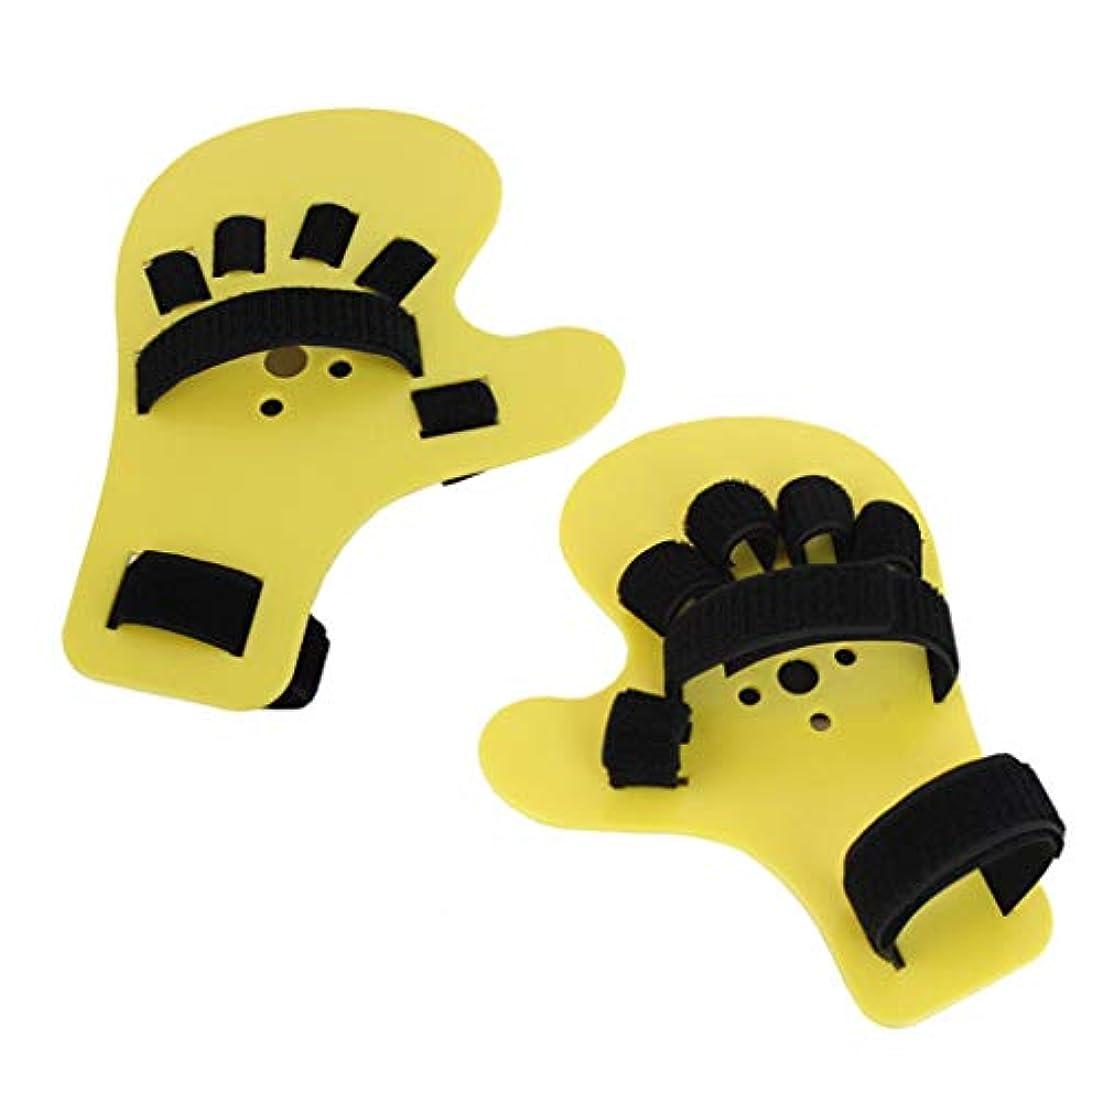 乱用押し下げるグレートバリアリーフ手首装具 - 指リハビリテーション訓練器具、成人の指の固定のための指矯正プレートストローク片麻痺,2pcs